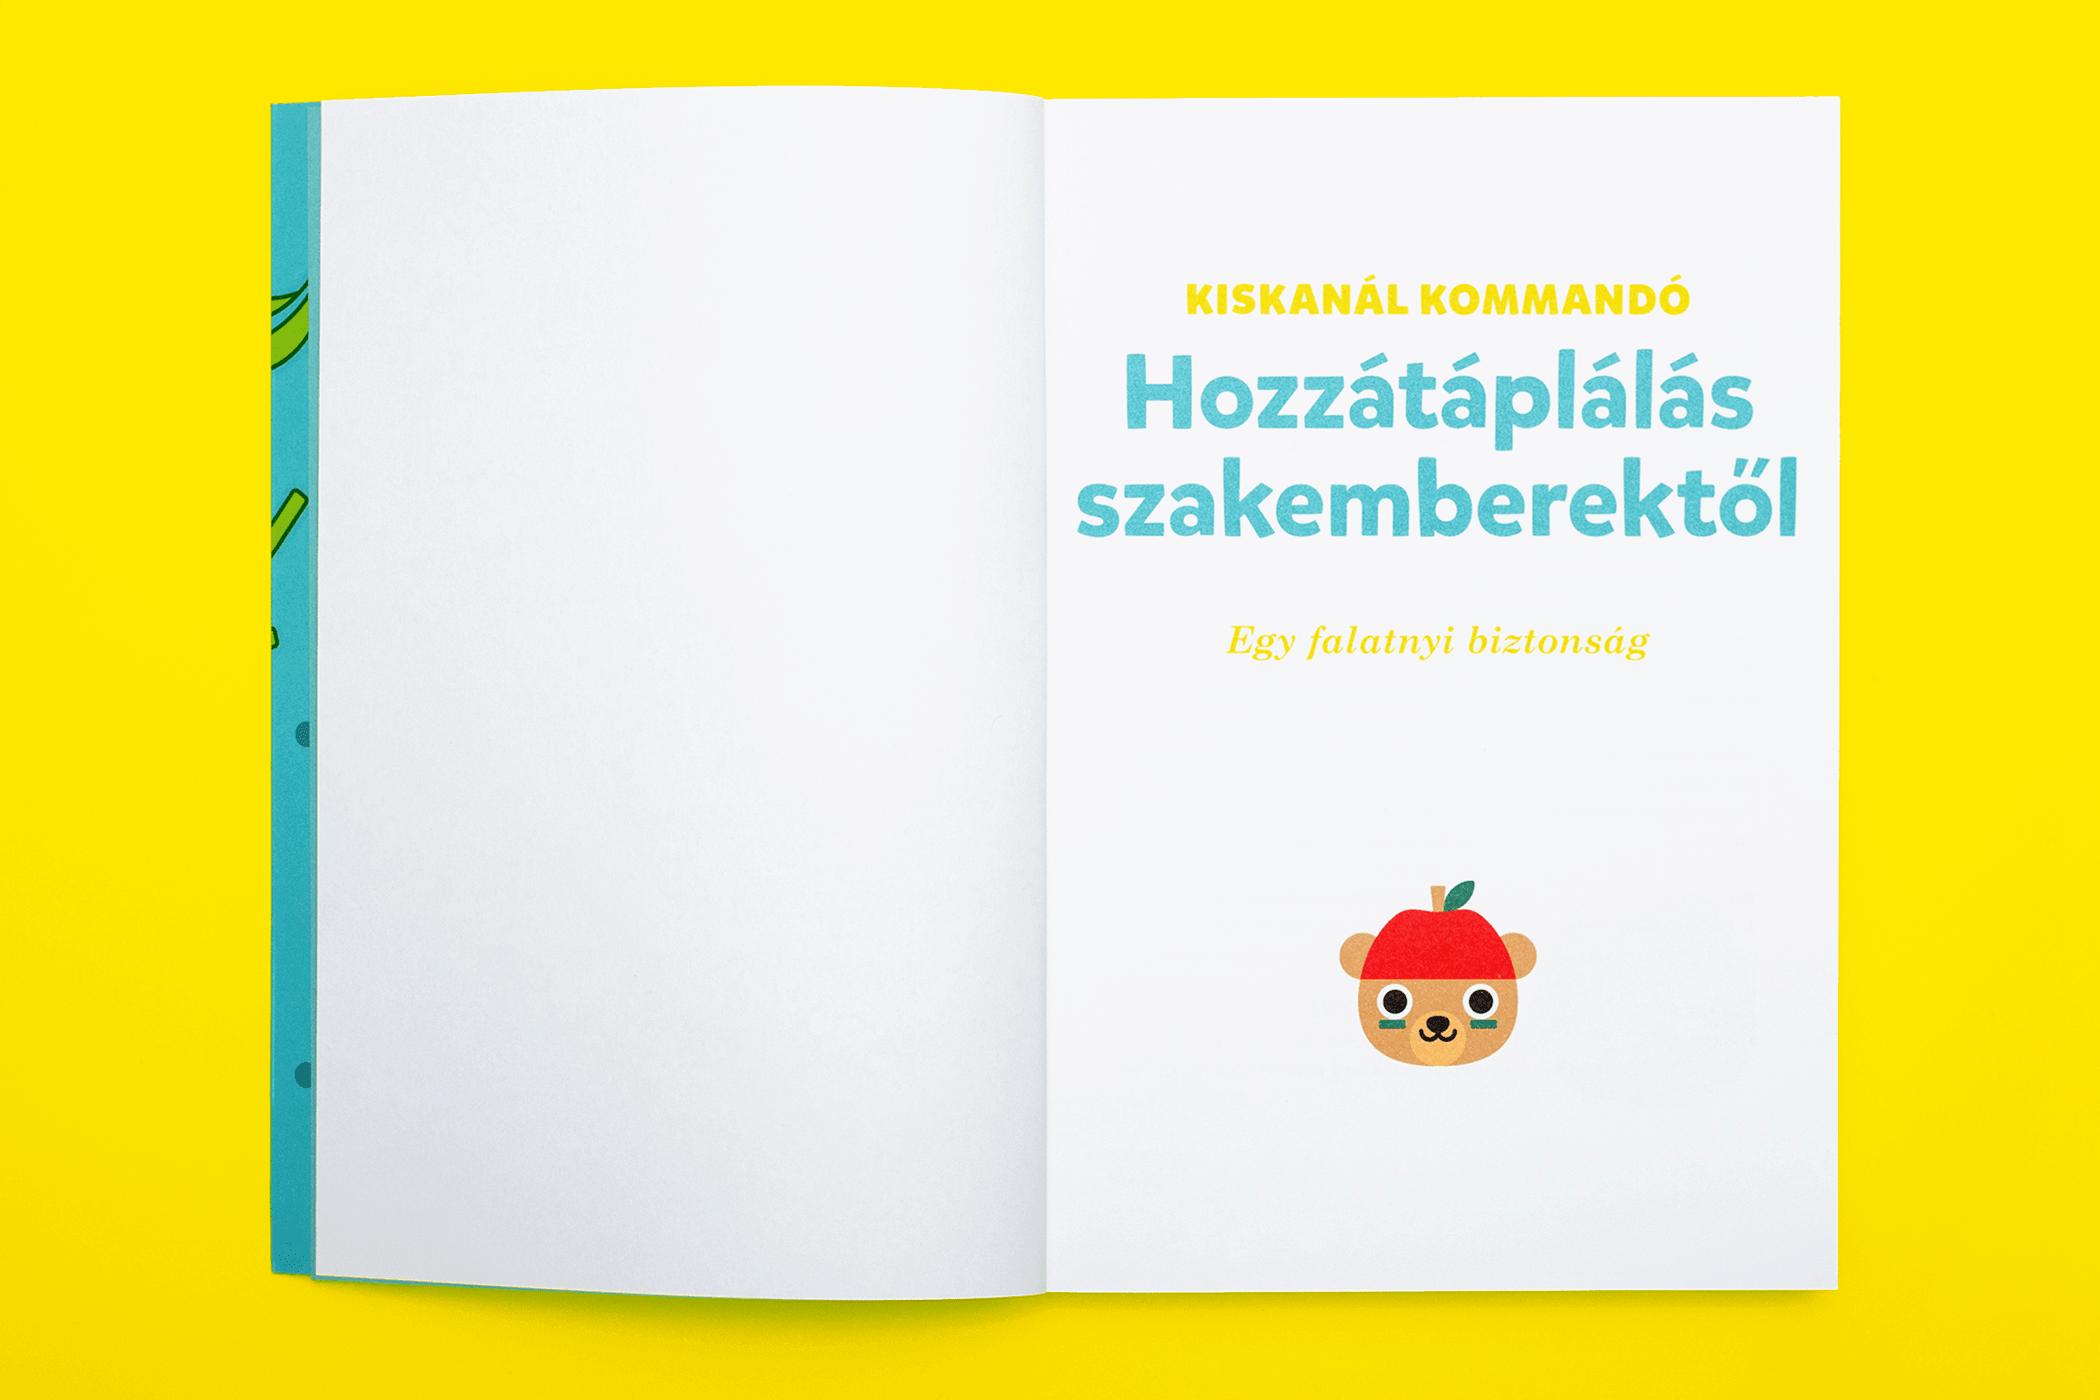 Kiskanal Kommando book